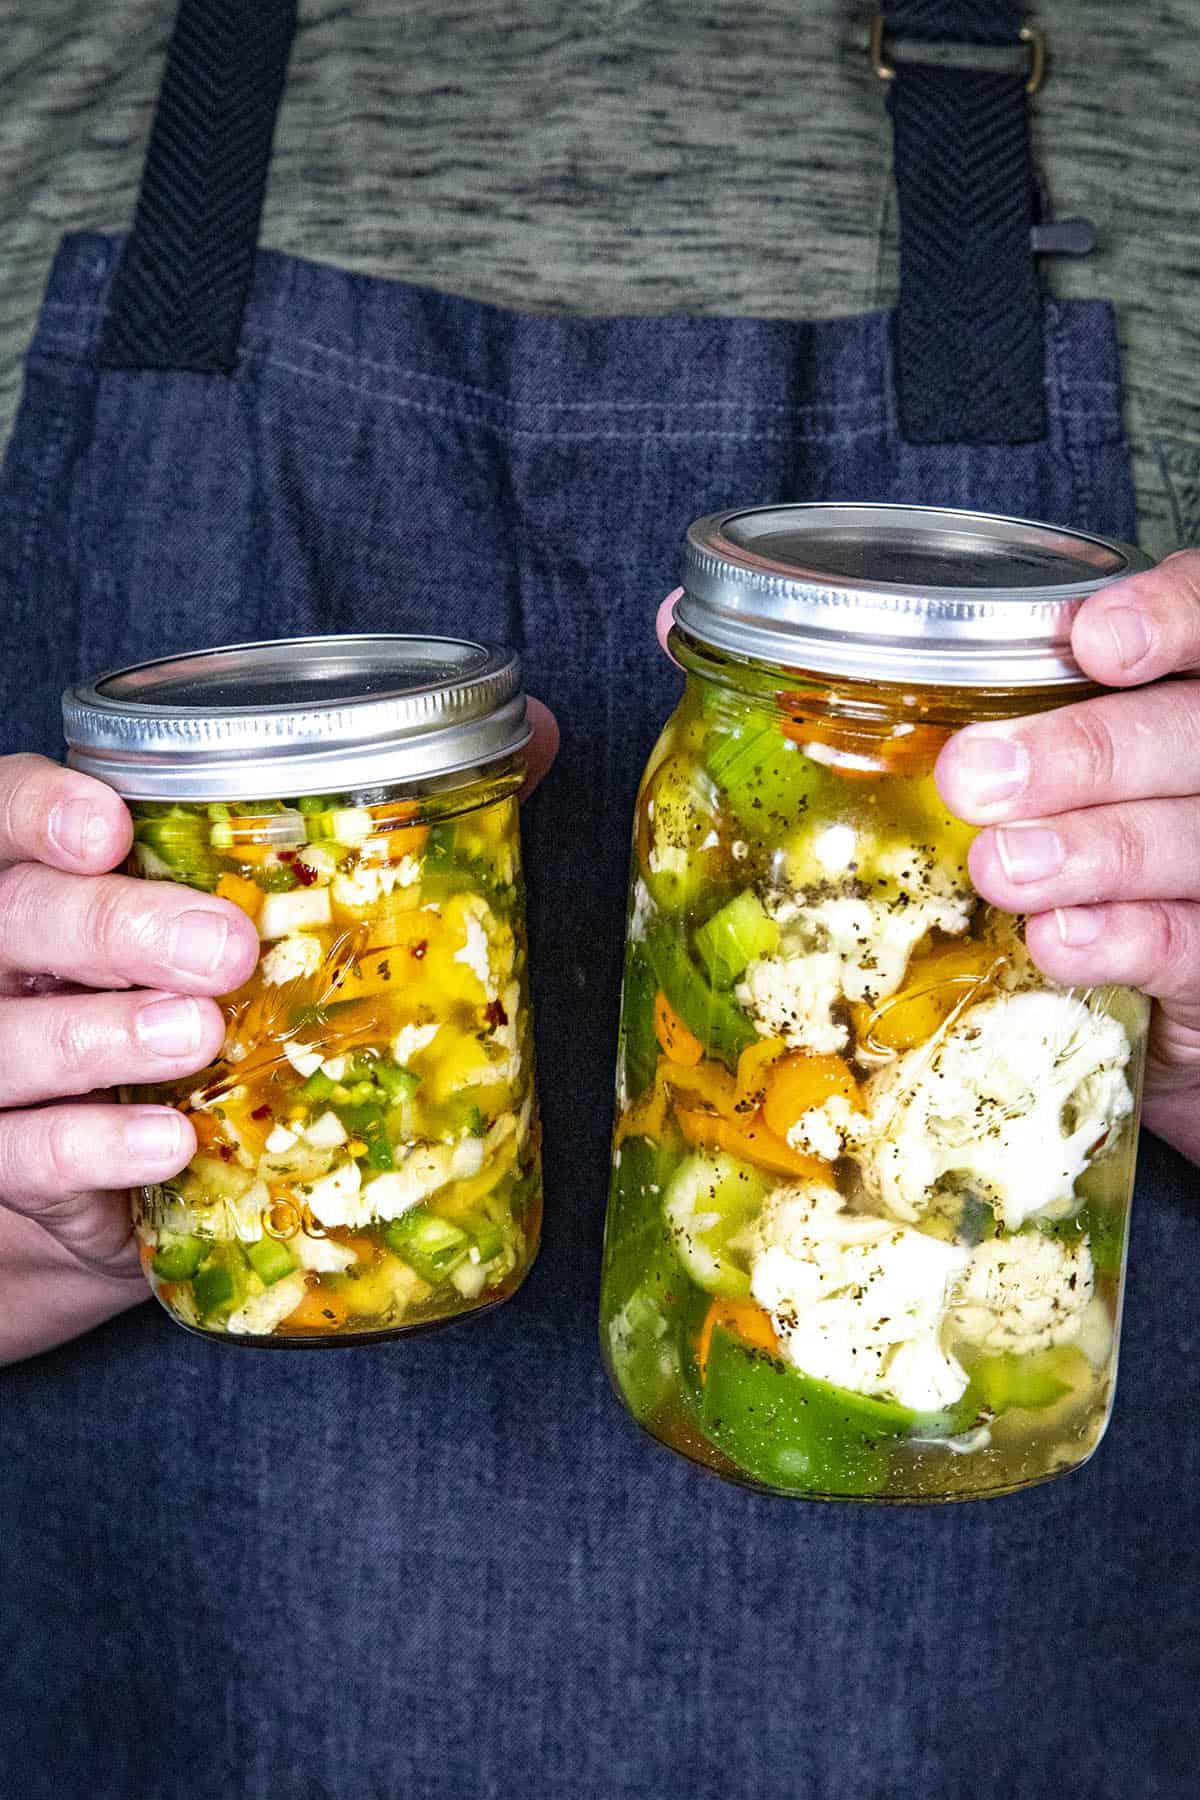 Mike holding 2 jars of Italian Giardiniera